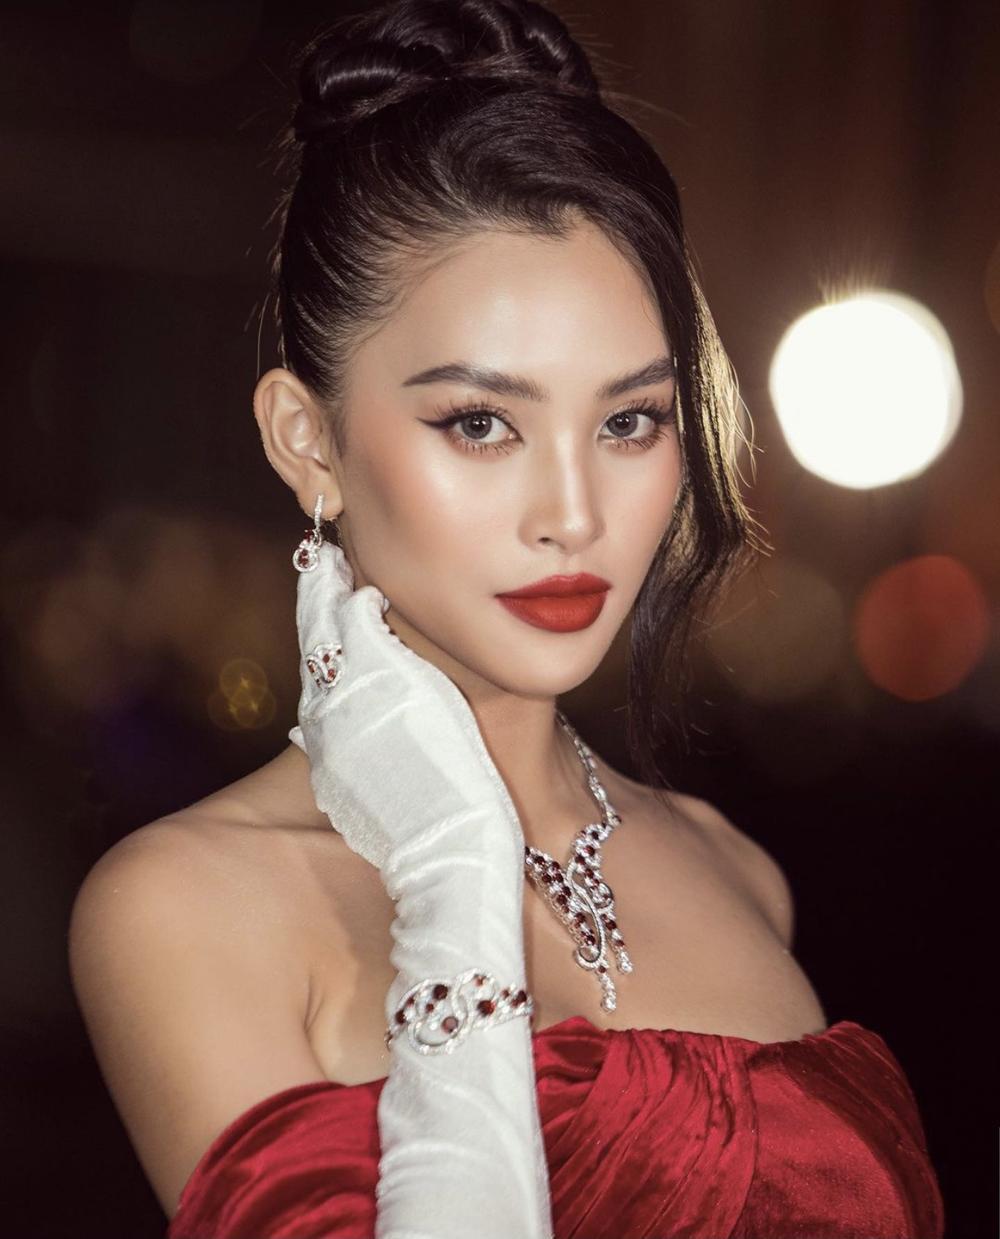 Hoa hậu Tiểu Vy và á hậu Thuý An lộ ảnh bị bầm khắp người khiến người hâm mộ xót xa Ảnh 6